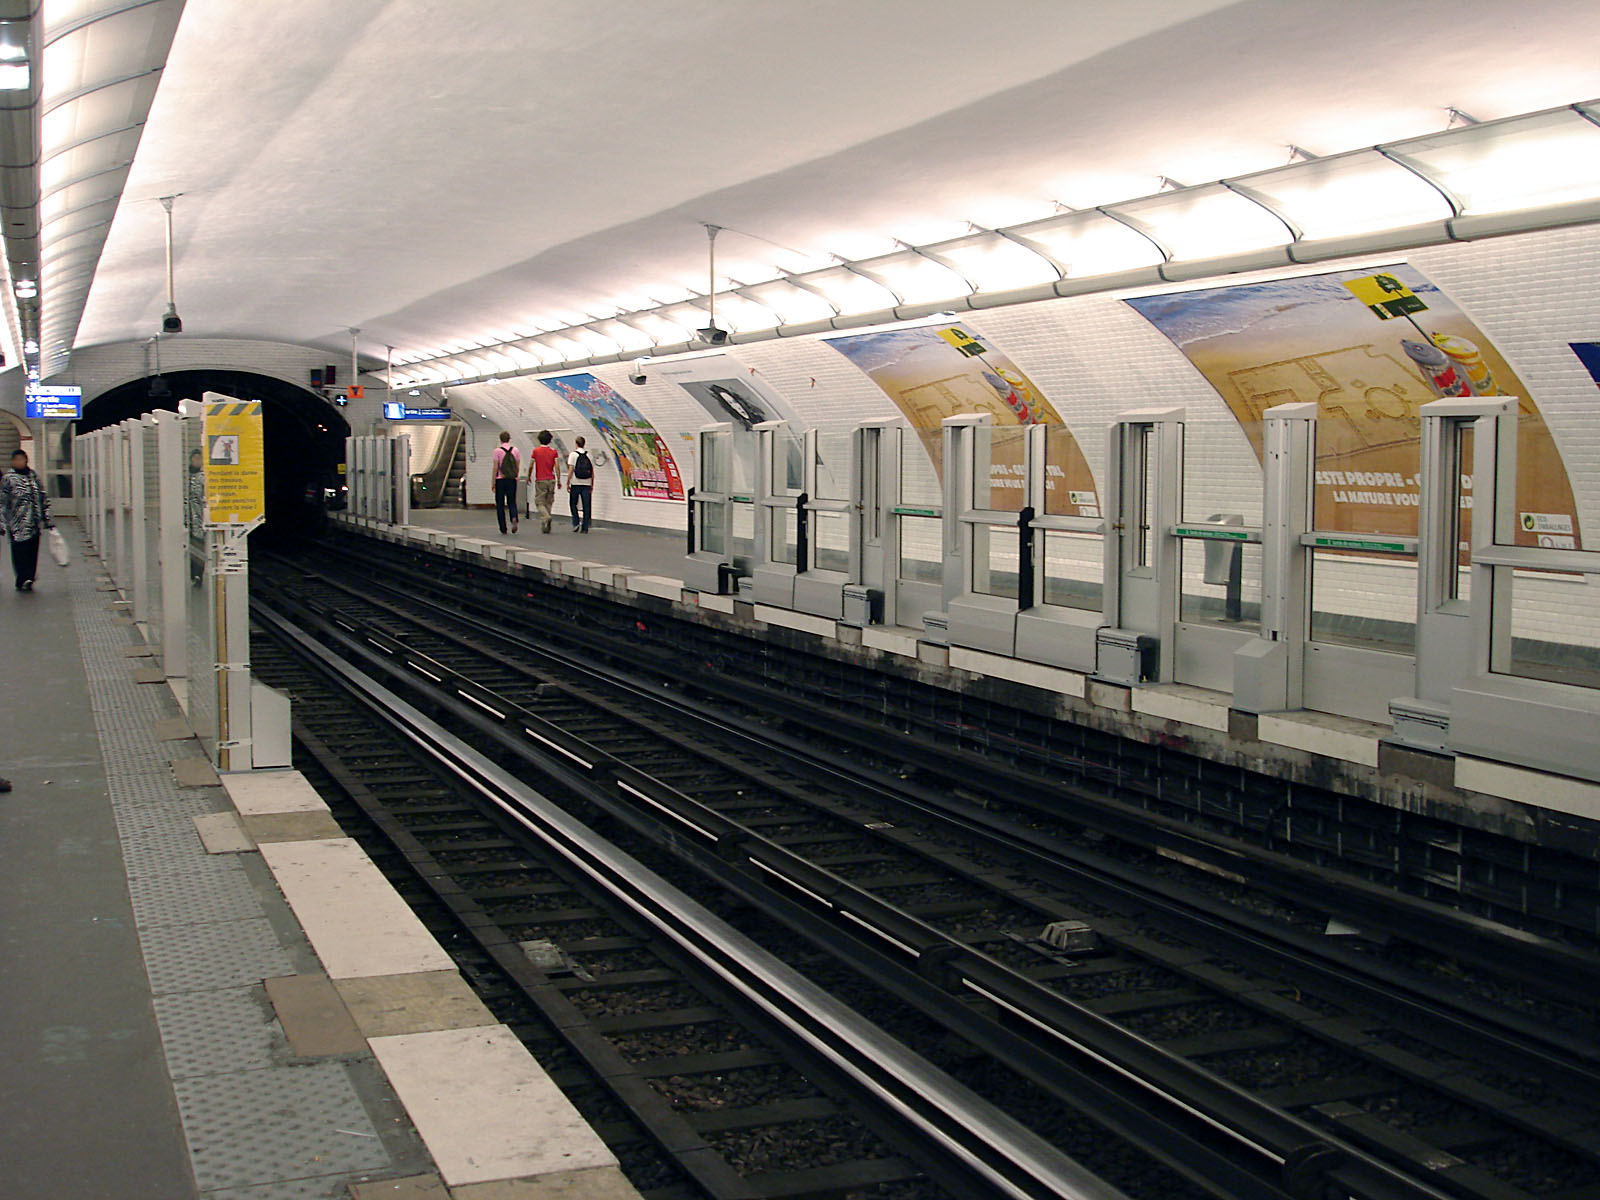 file metro de paris ligne 1 les sablons wikimedia commons. Black Bedroom Furniture Sets. Home Design Ideas